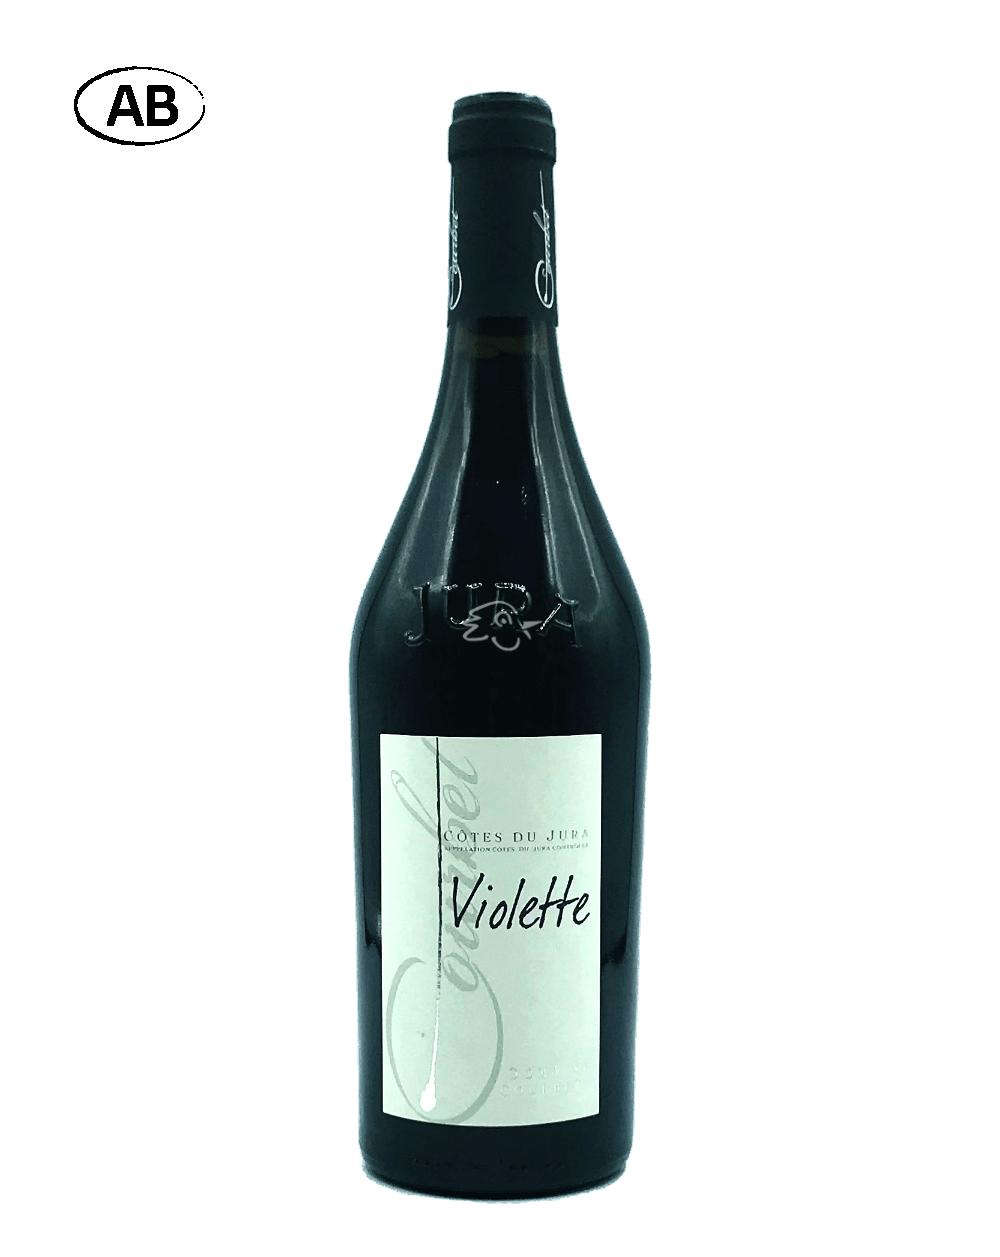 Domaine Courbet - Violette 2019 - Avintures